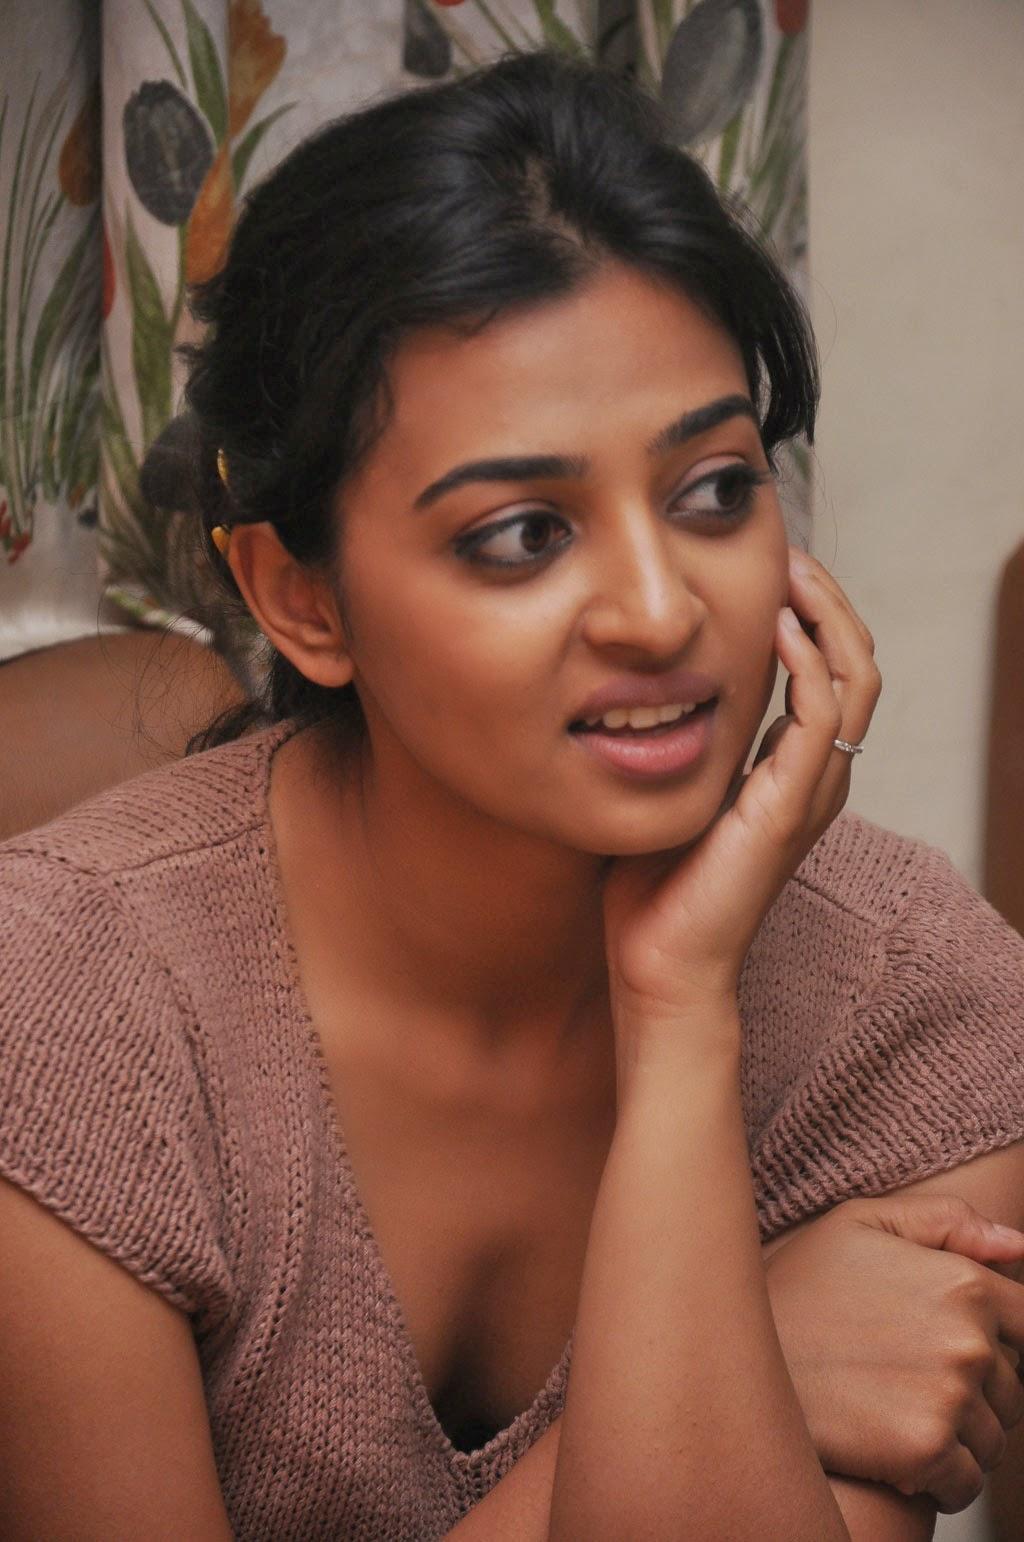 actress radhika apte hot cleavage stills cap